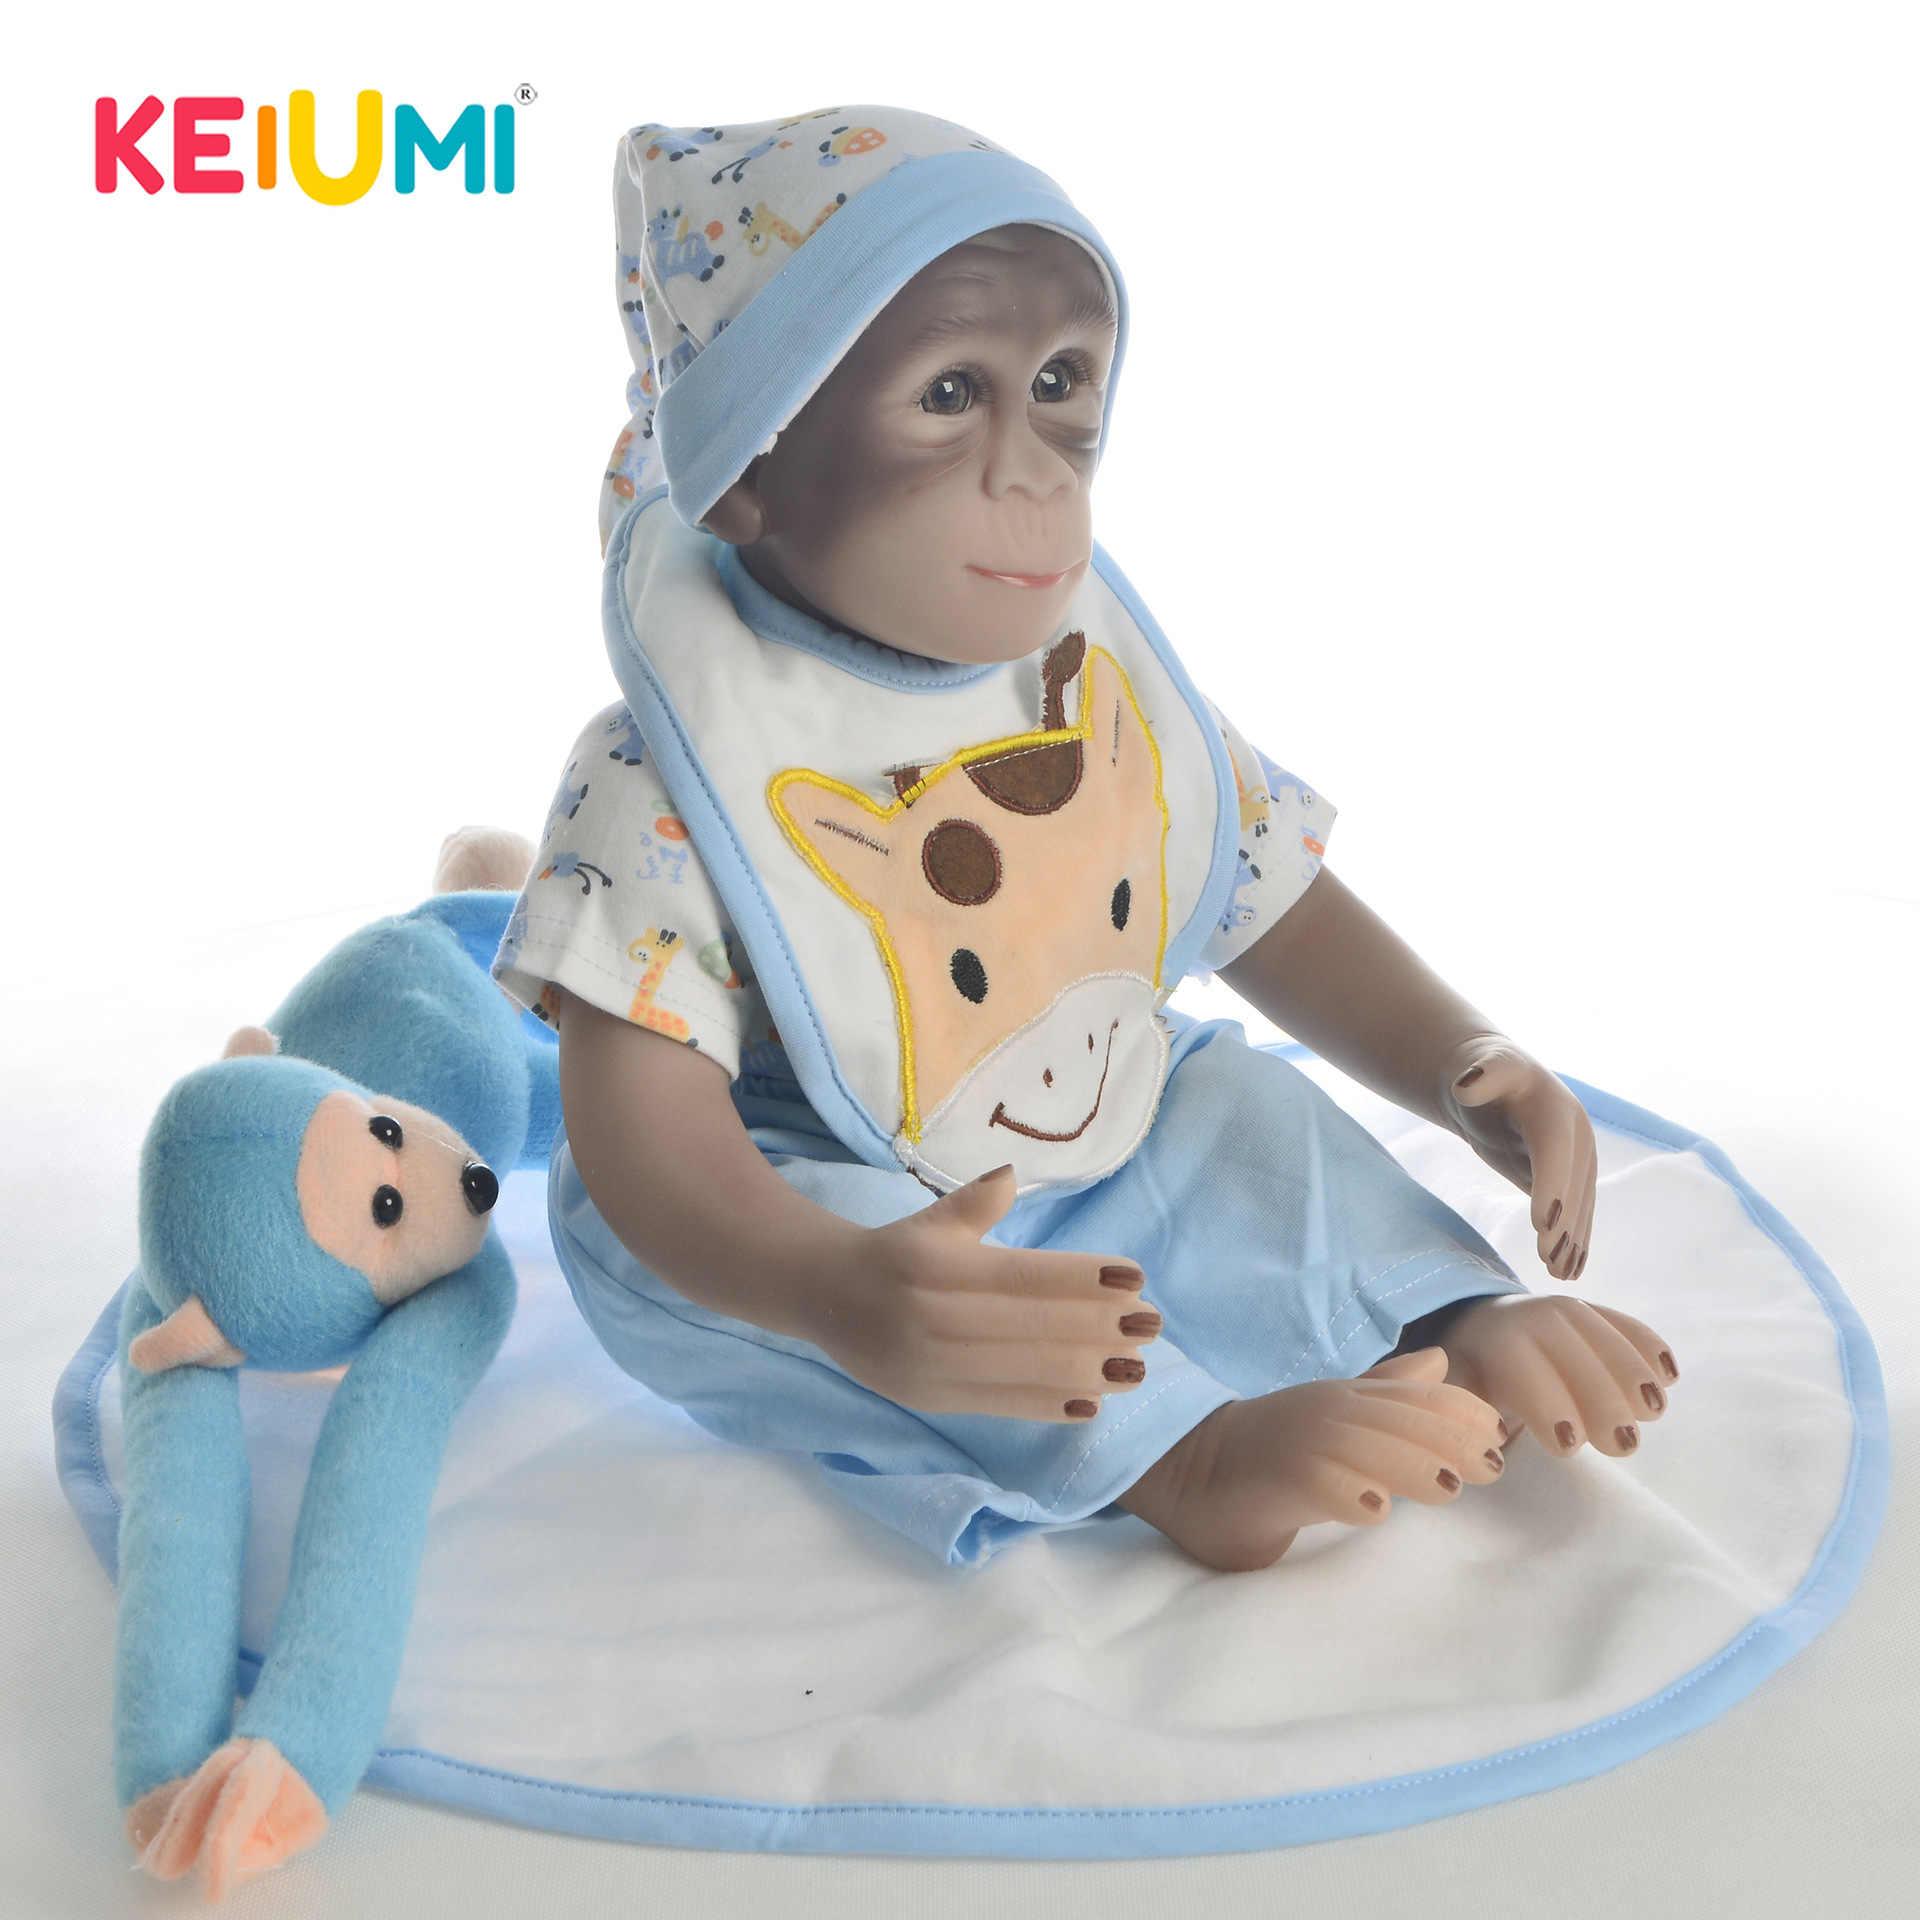 KEIUMI силиконовые перерожденные куклы младенцы, с тканью тела 48 см Reborn Baby с рисунком обезьяны из м/ф детский приятель для сюрприз